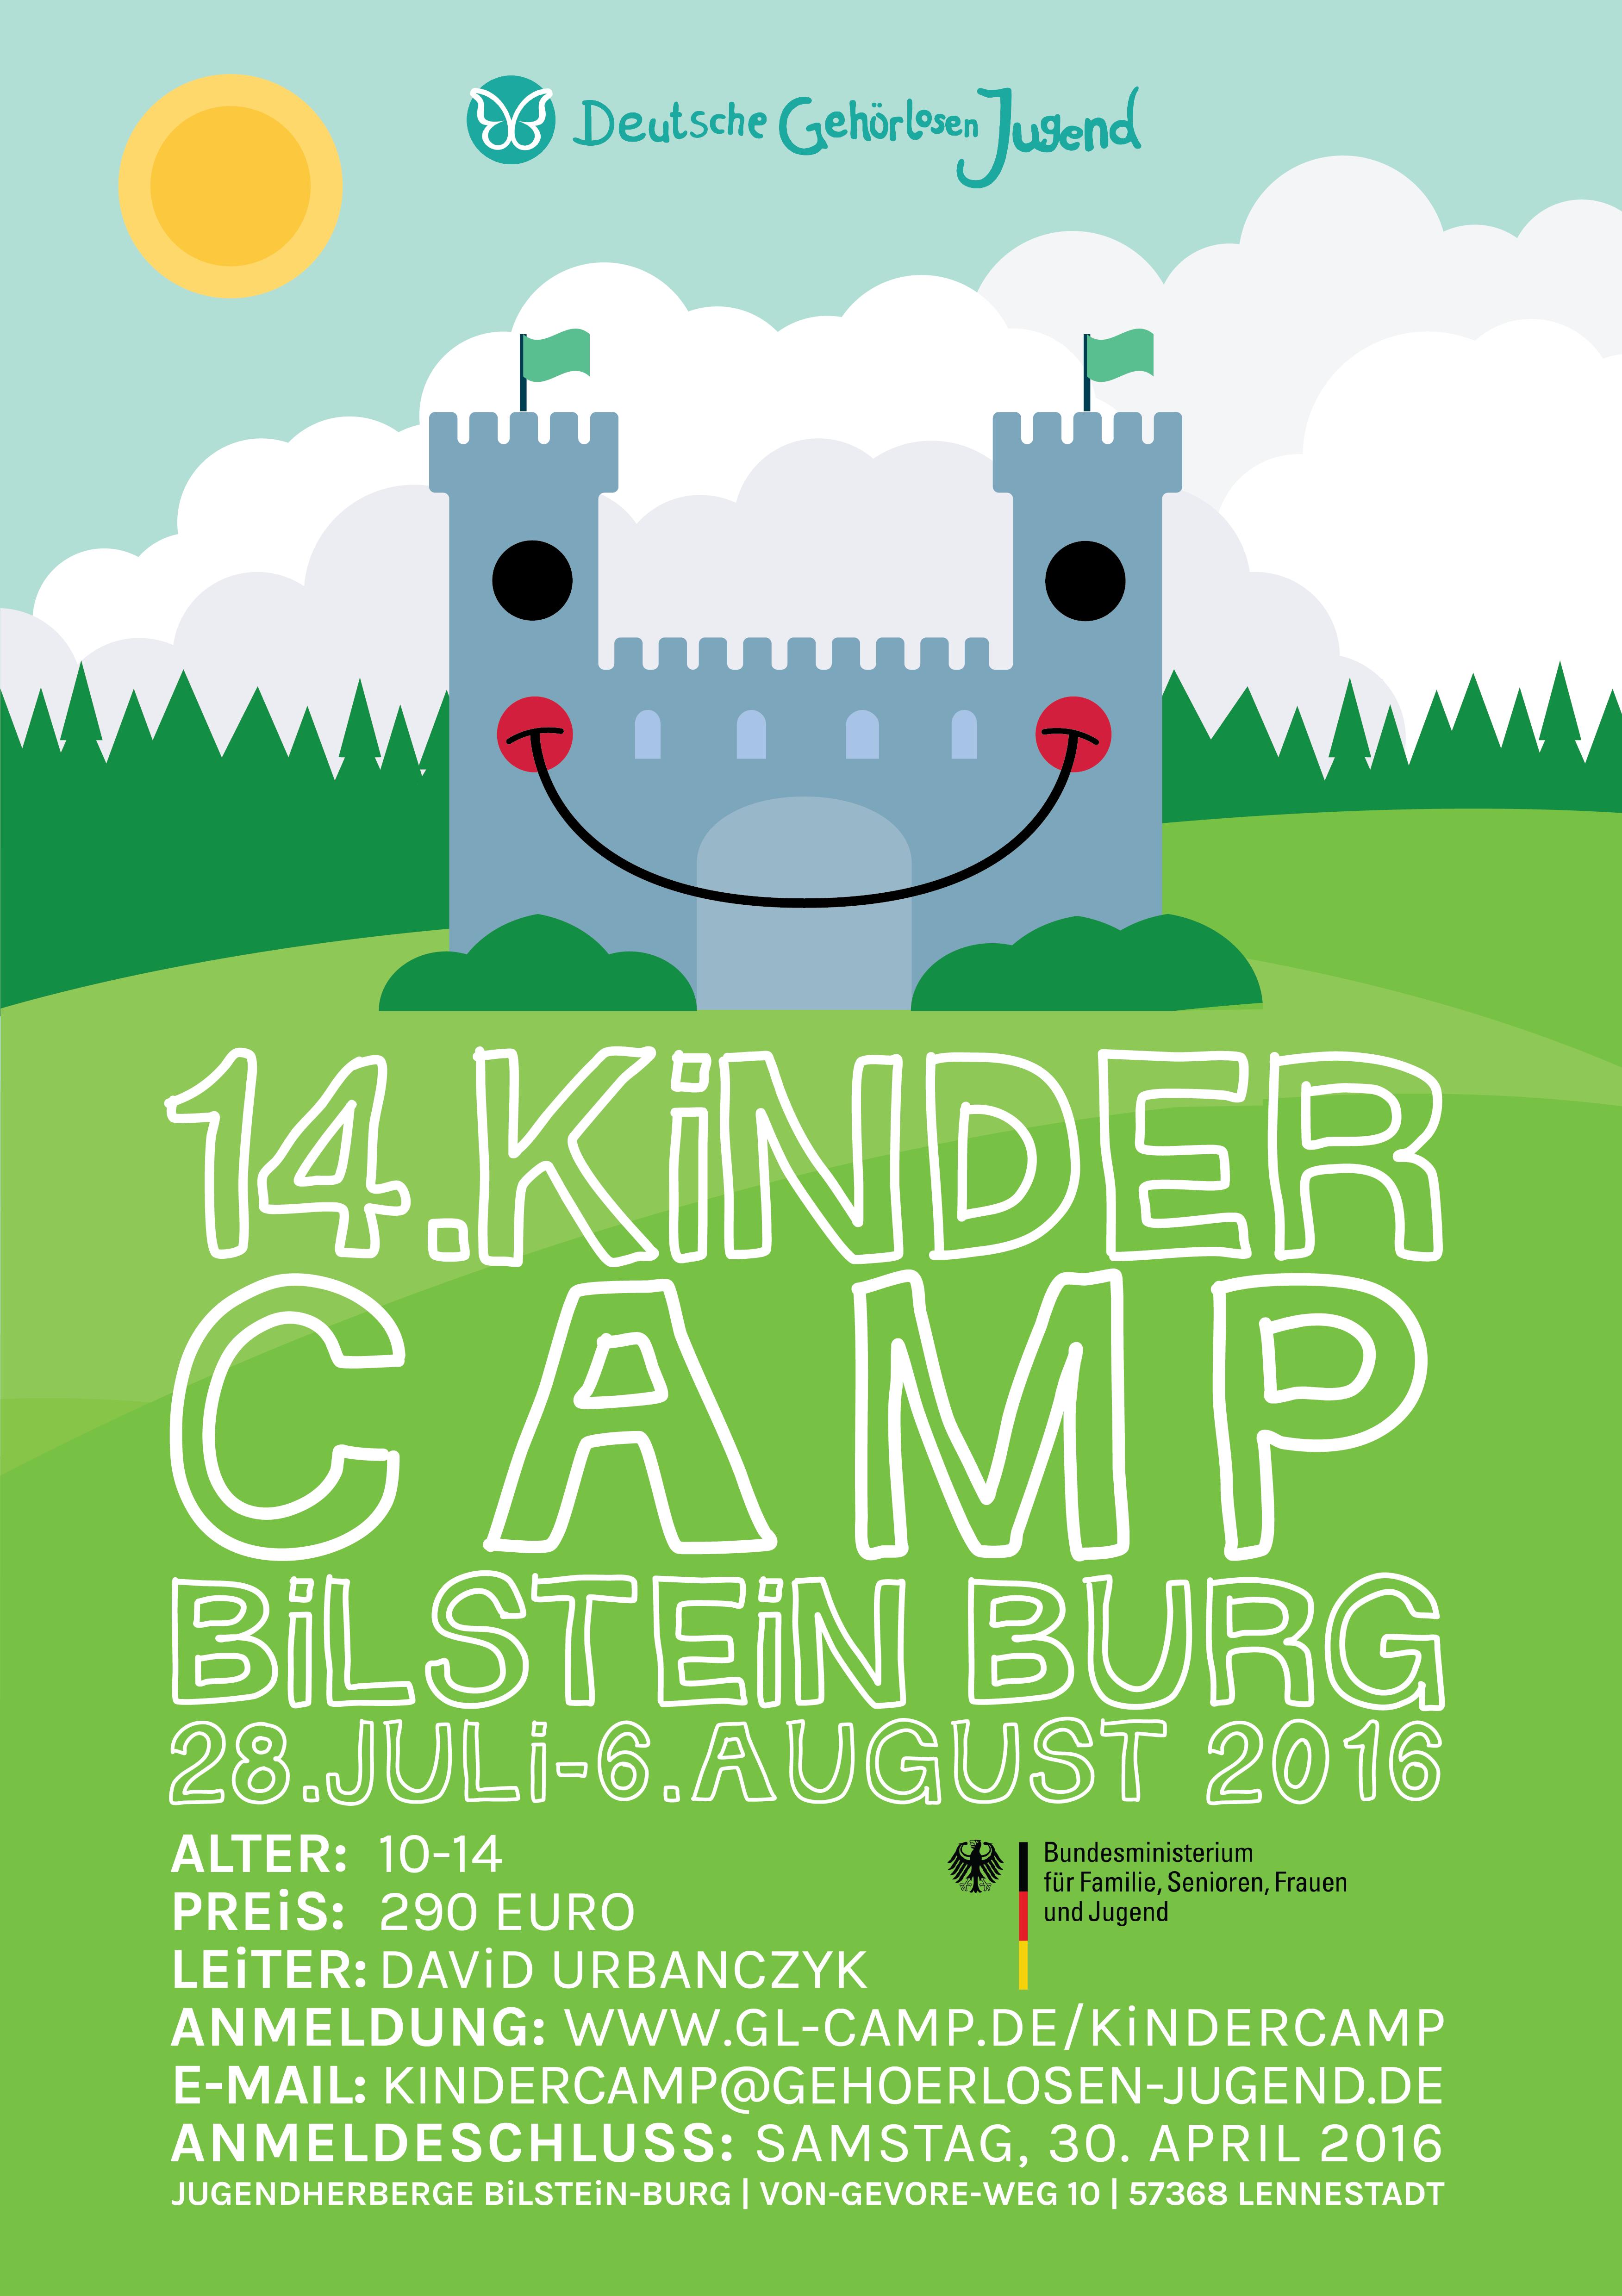 Kinder Camp Poster 2016